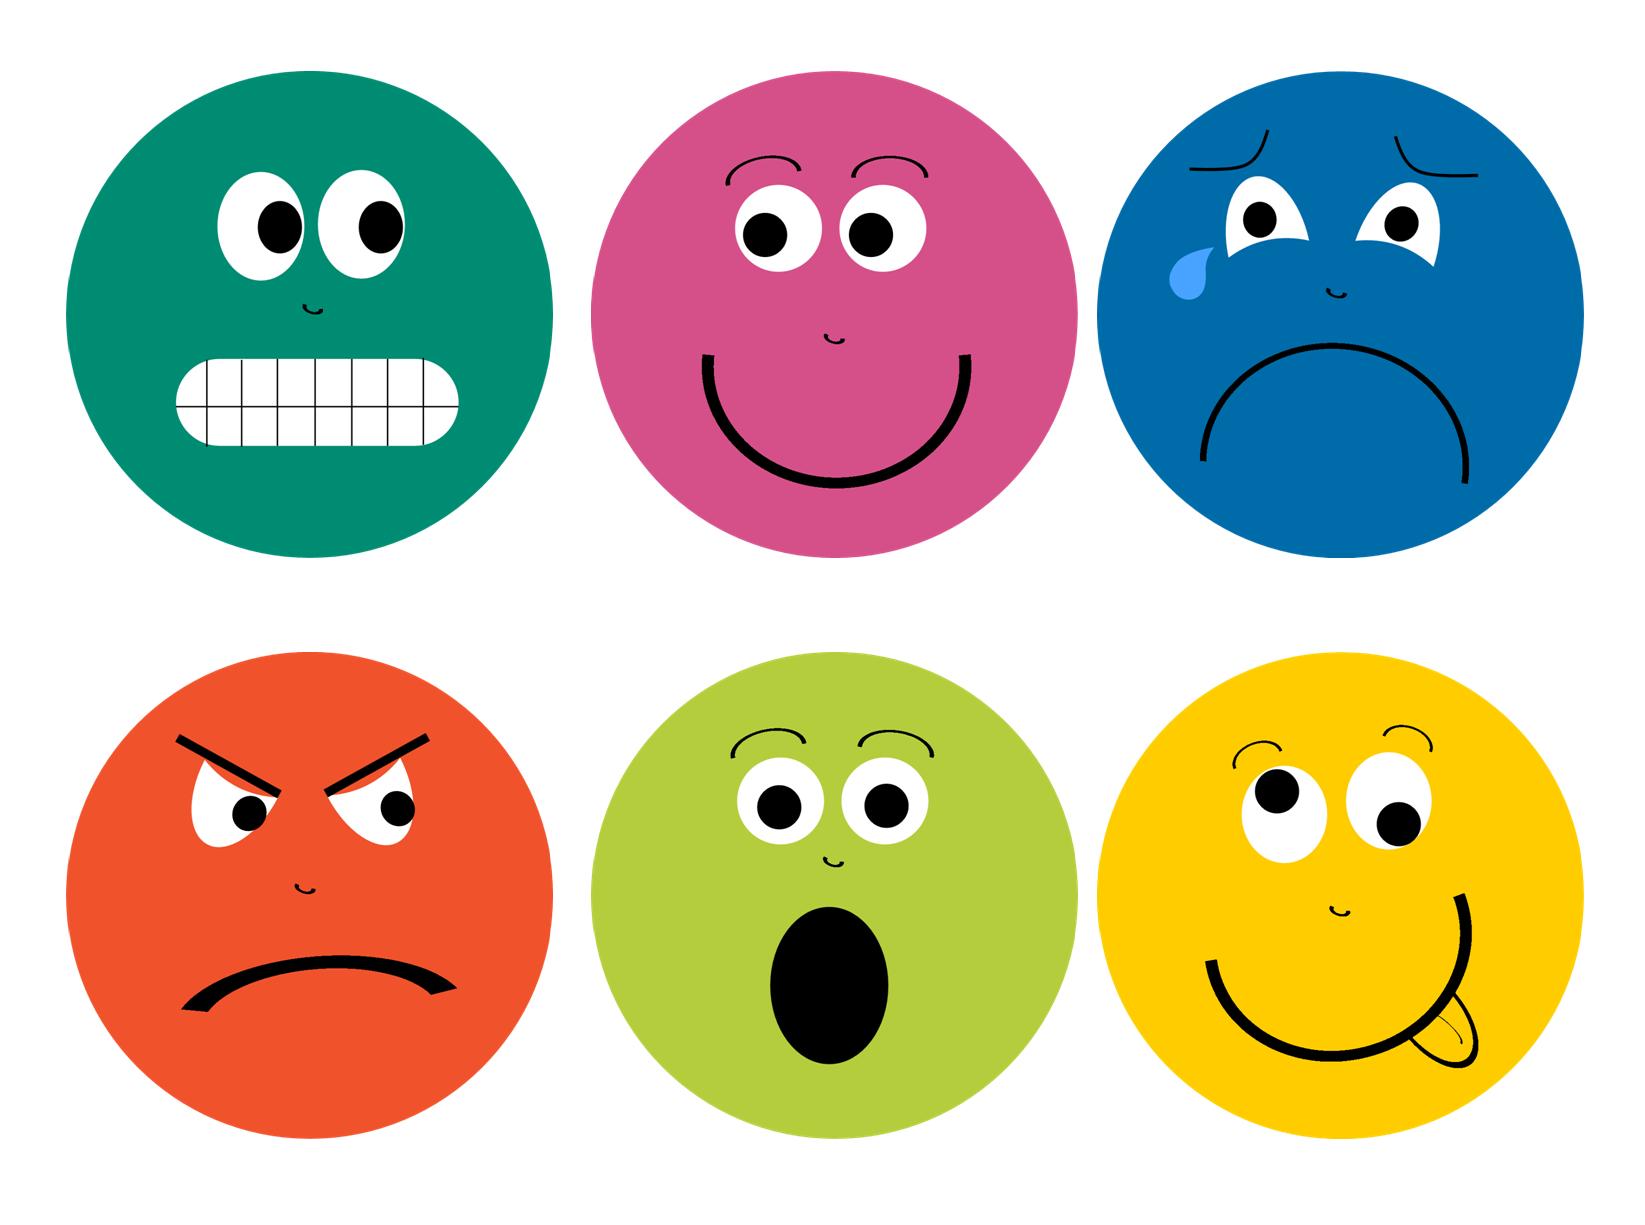 Học có cảm xúc là cách học từ vựng hiệu quả và nhớ lâu